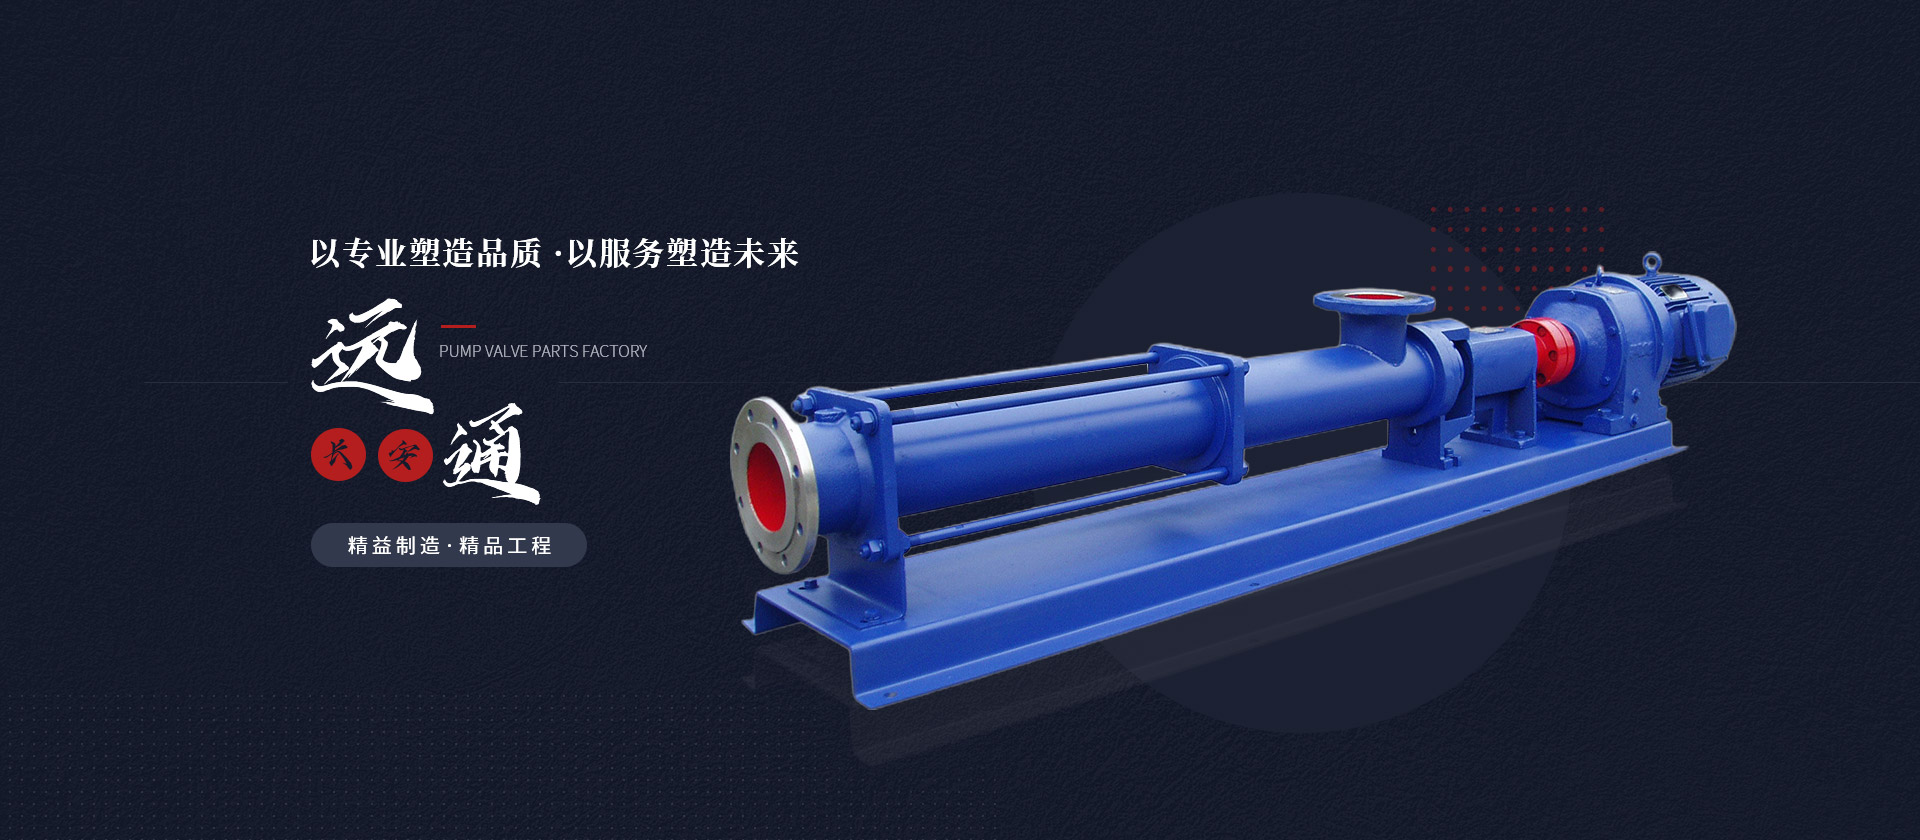 陕西单螺杆泵研发